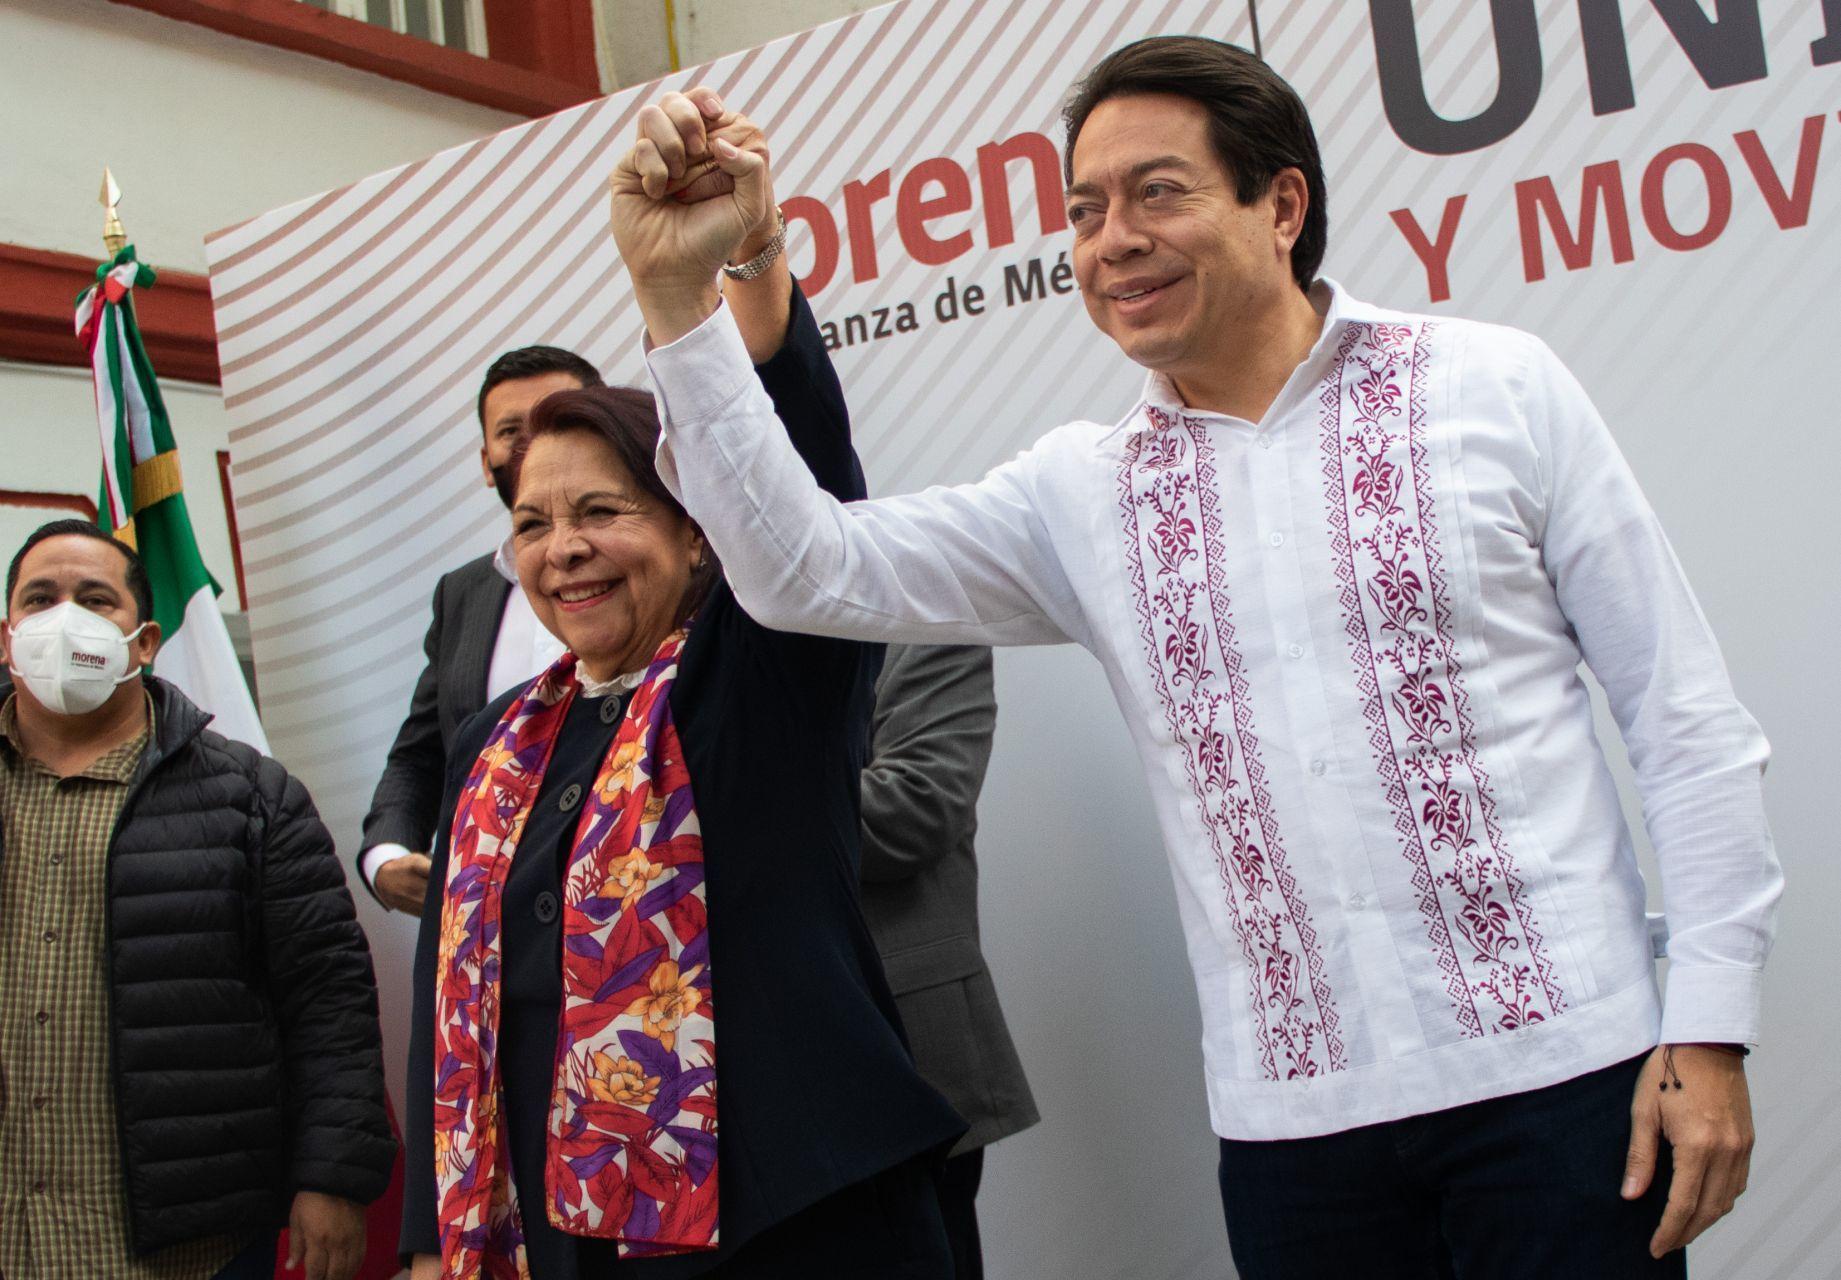 CIUDAD DE MÉXICO, 17DICIEMBRE2020.- Mario Delgado dirigente Nacional de Morena, anunció la candidatura de Celia Maya al Gobierno de Querétaro, esta tarde en la sede del Movimiento de Regeneraciñon Nacional.